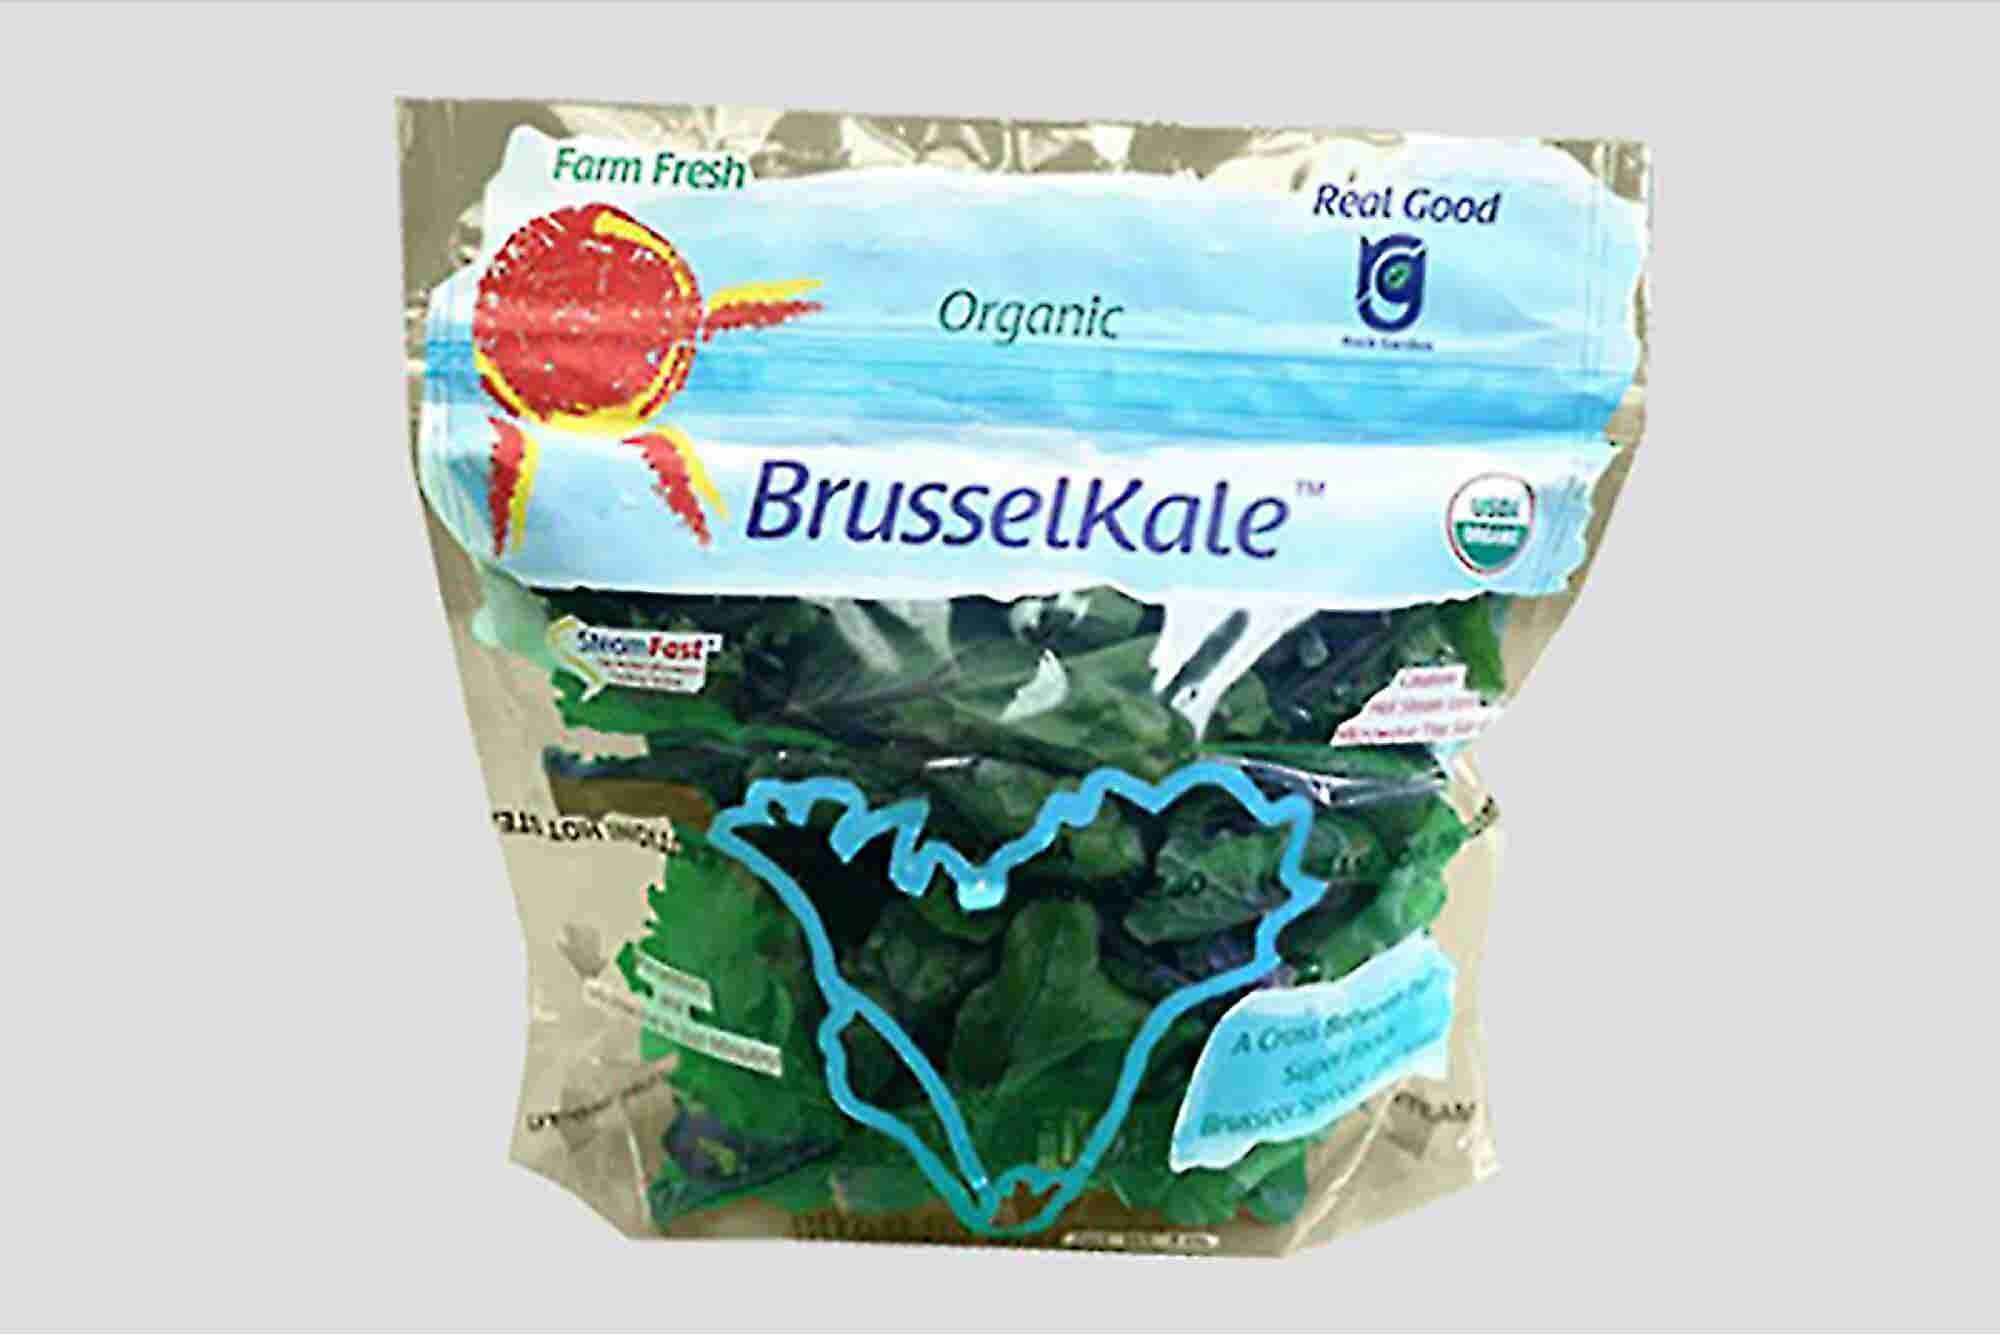 BrusselKale: The Trendiest Superfood of All?